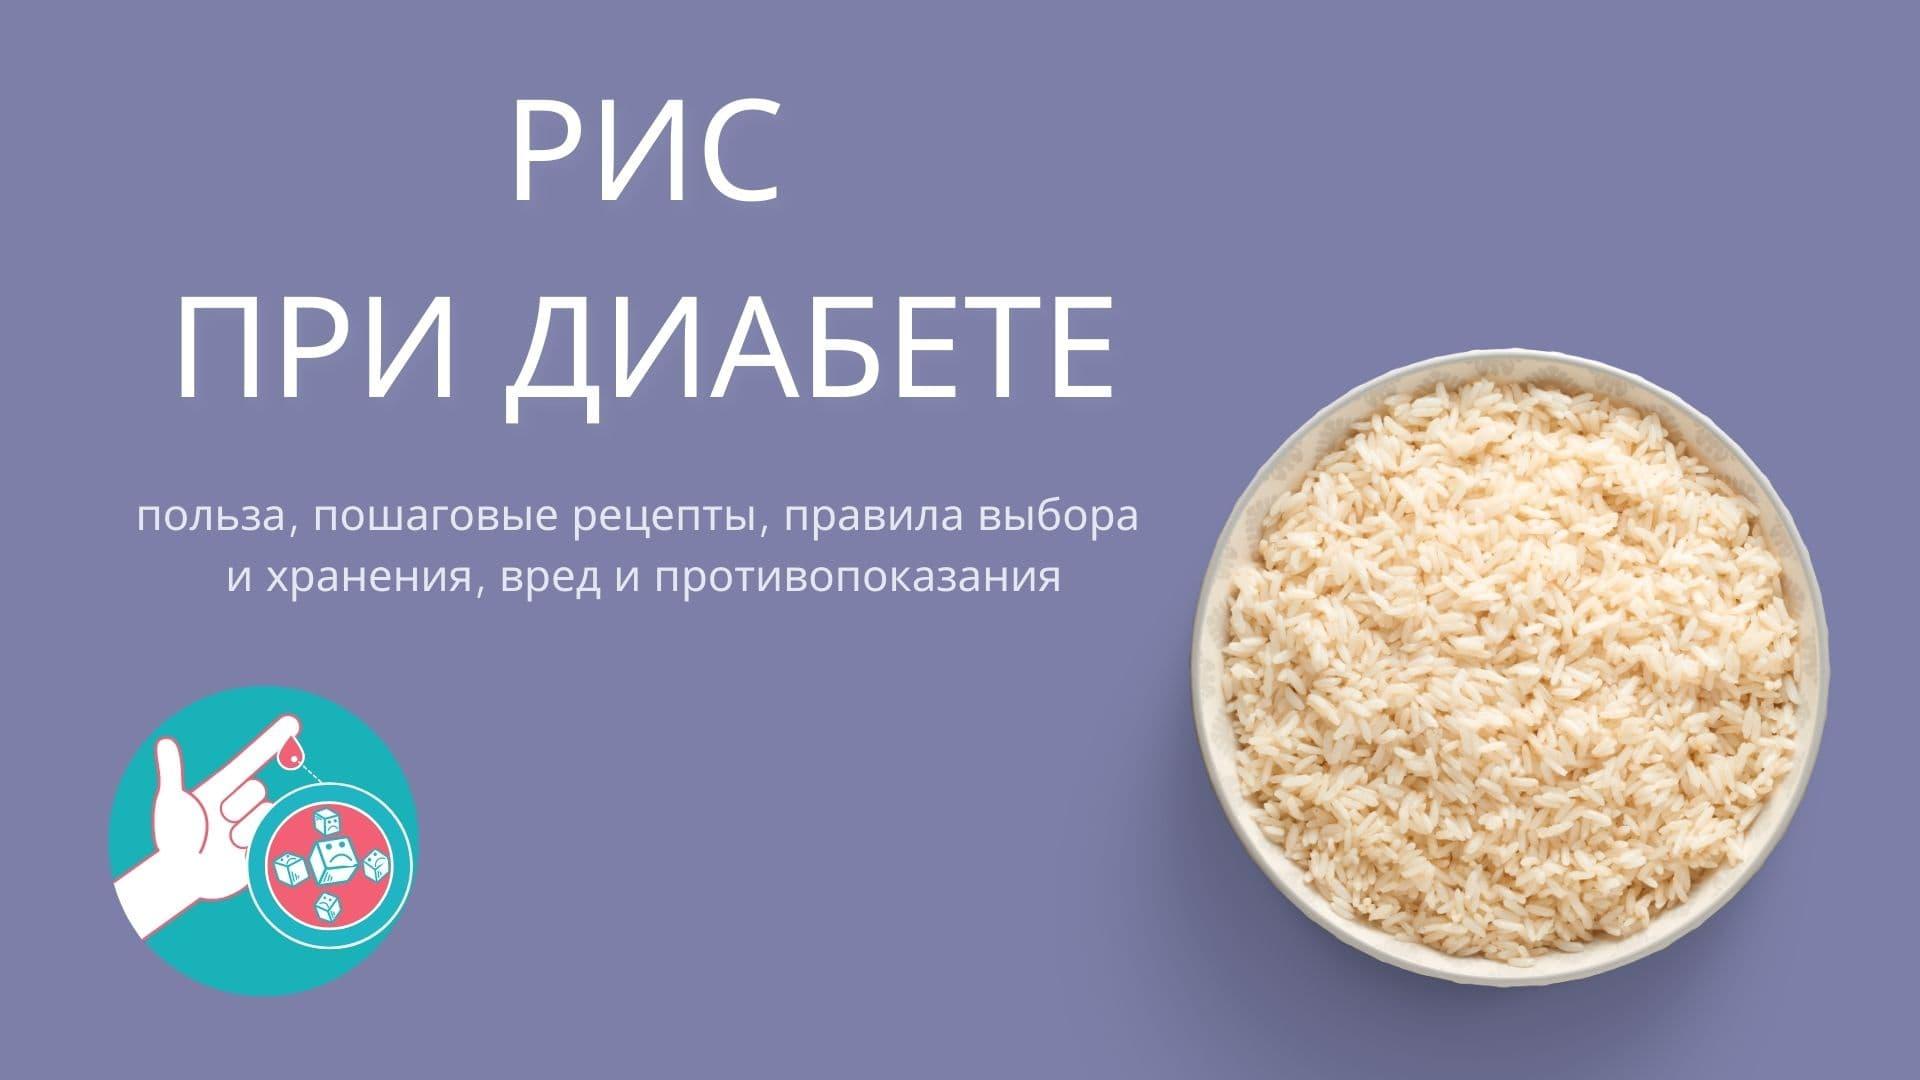 Рис при диабете: польза, пошаговые рецепты, правила выбора и хранения, вред и противопоказания